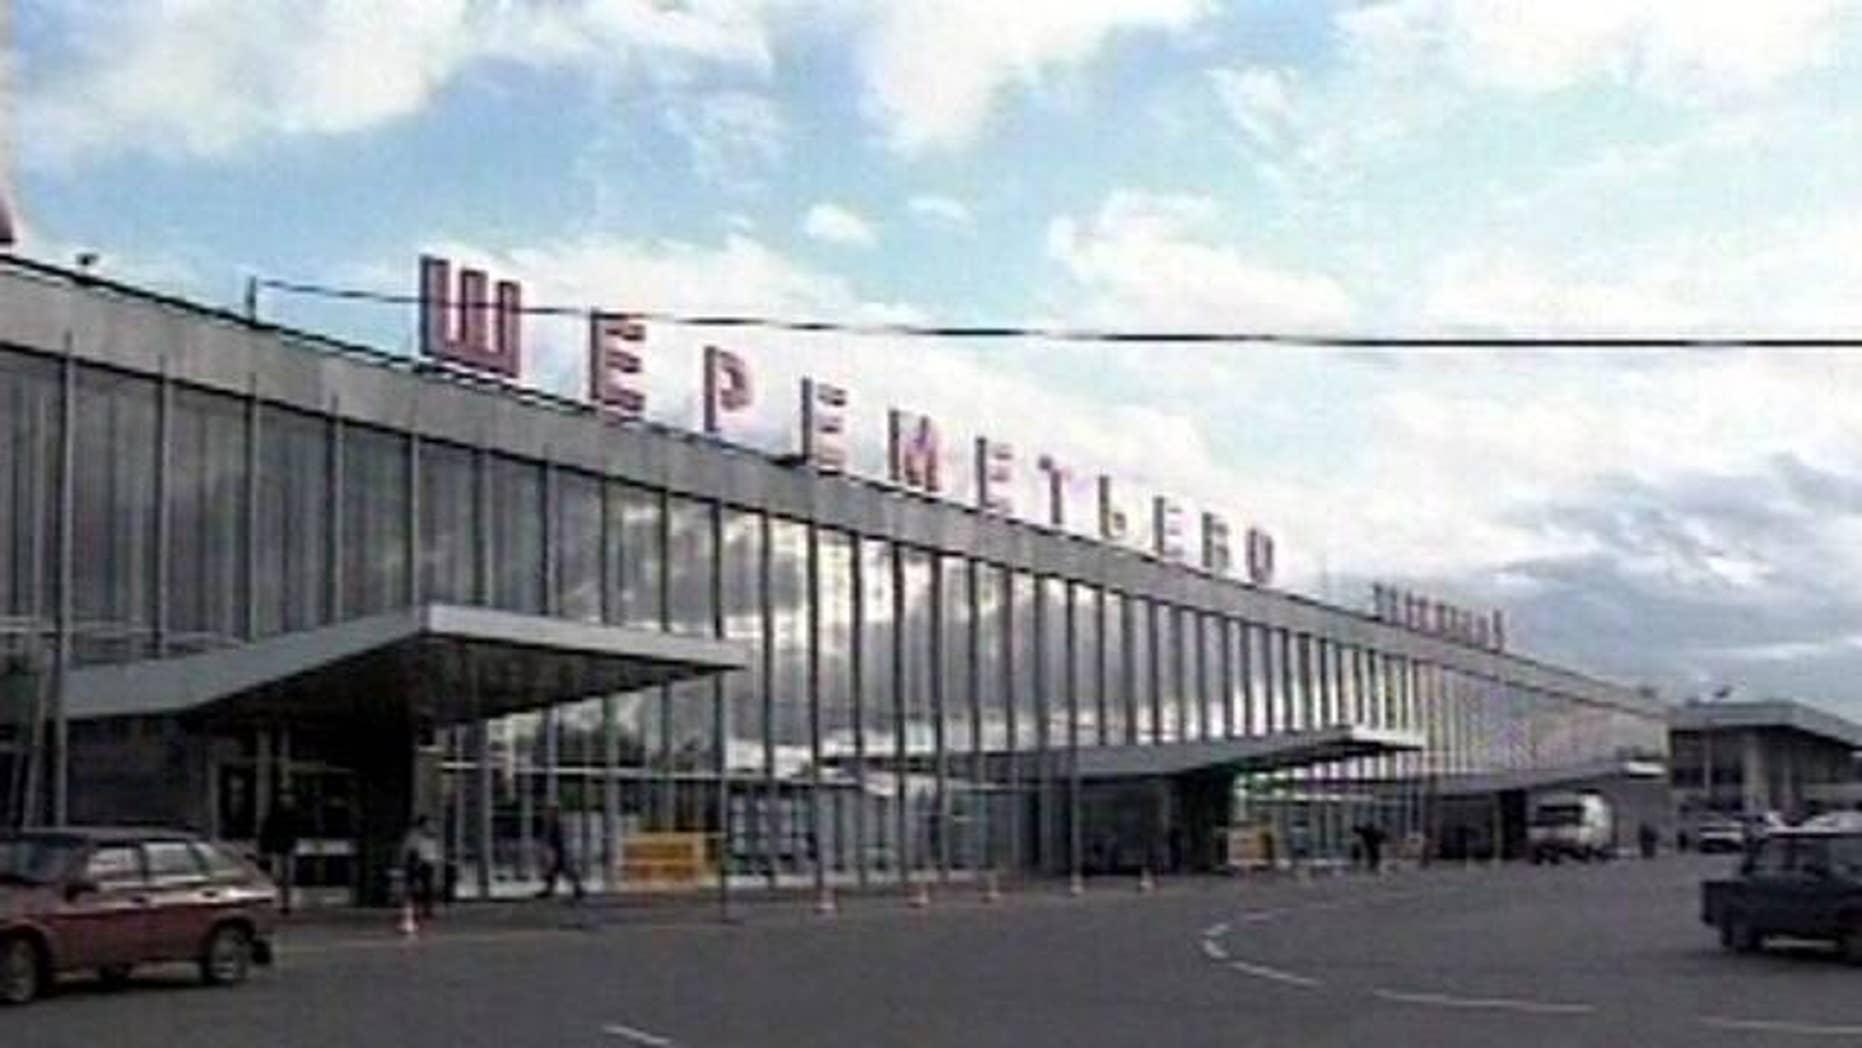 heremetyevo airport, Moscow, Russia.